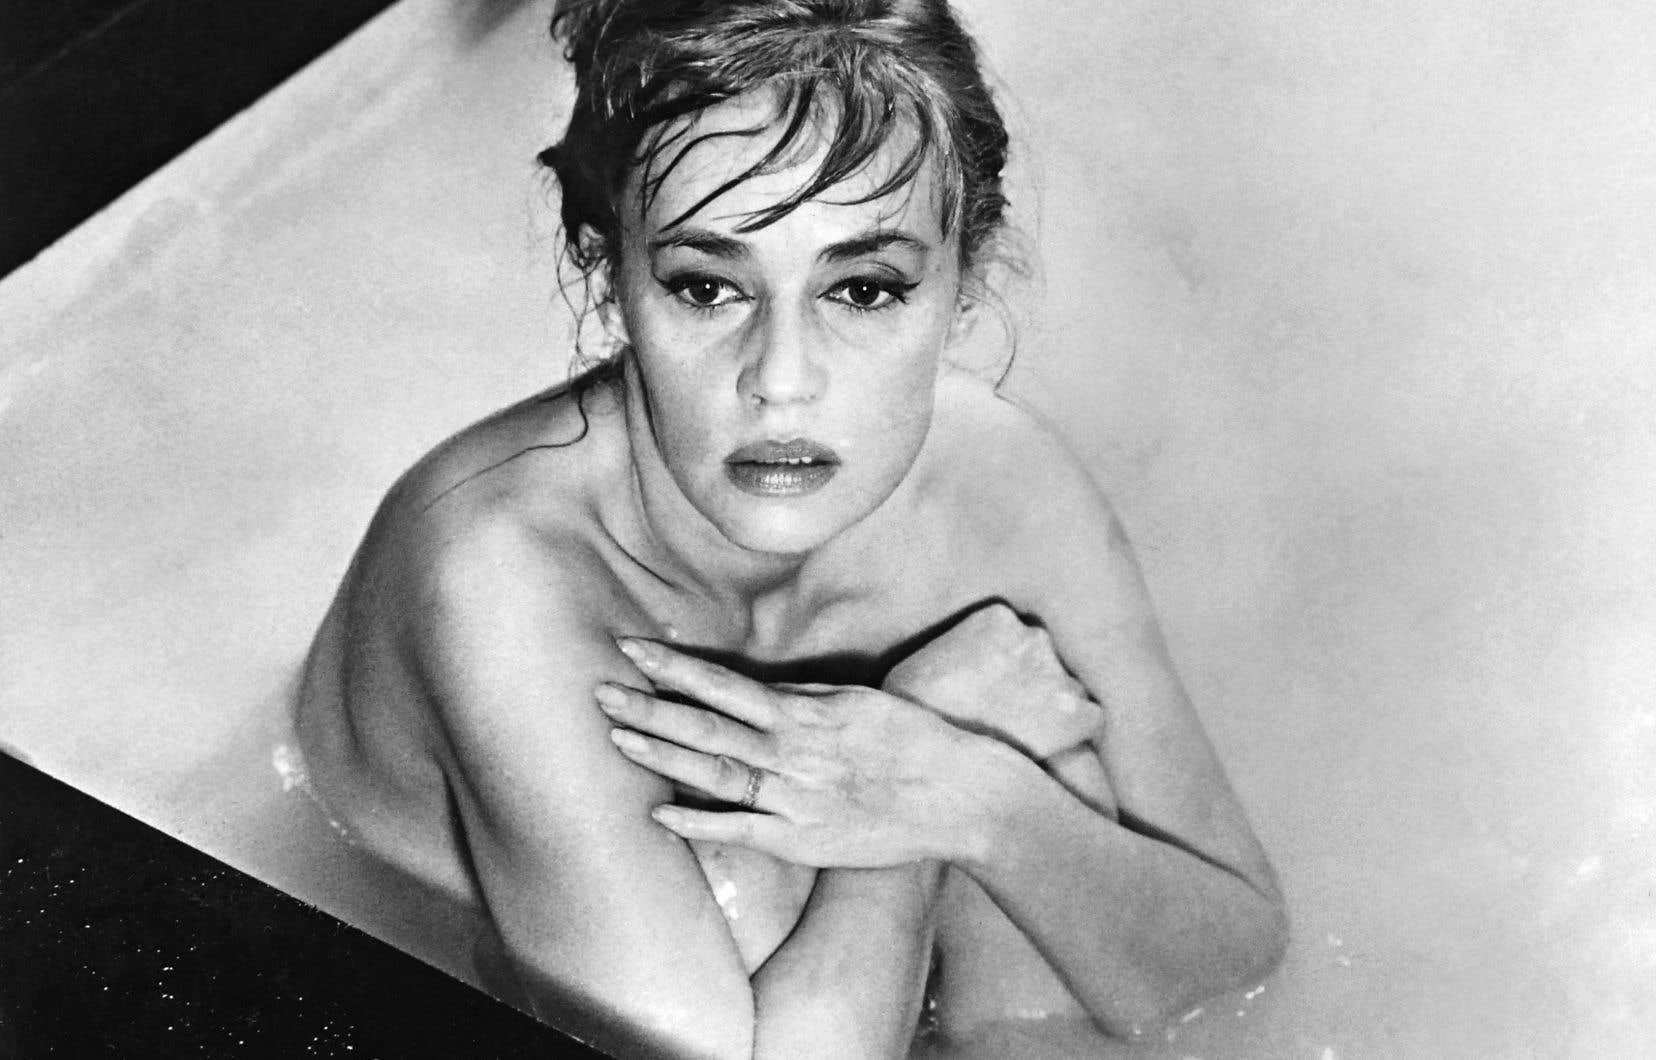 Jeanne Moreau sur le plateau d'«Eva», en 1961. Le recueil «Jeanne forever» brosse le portrait de l'actrice à travers ses différentes incarnations à l'écran.